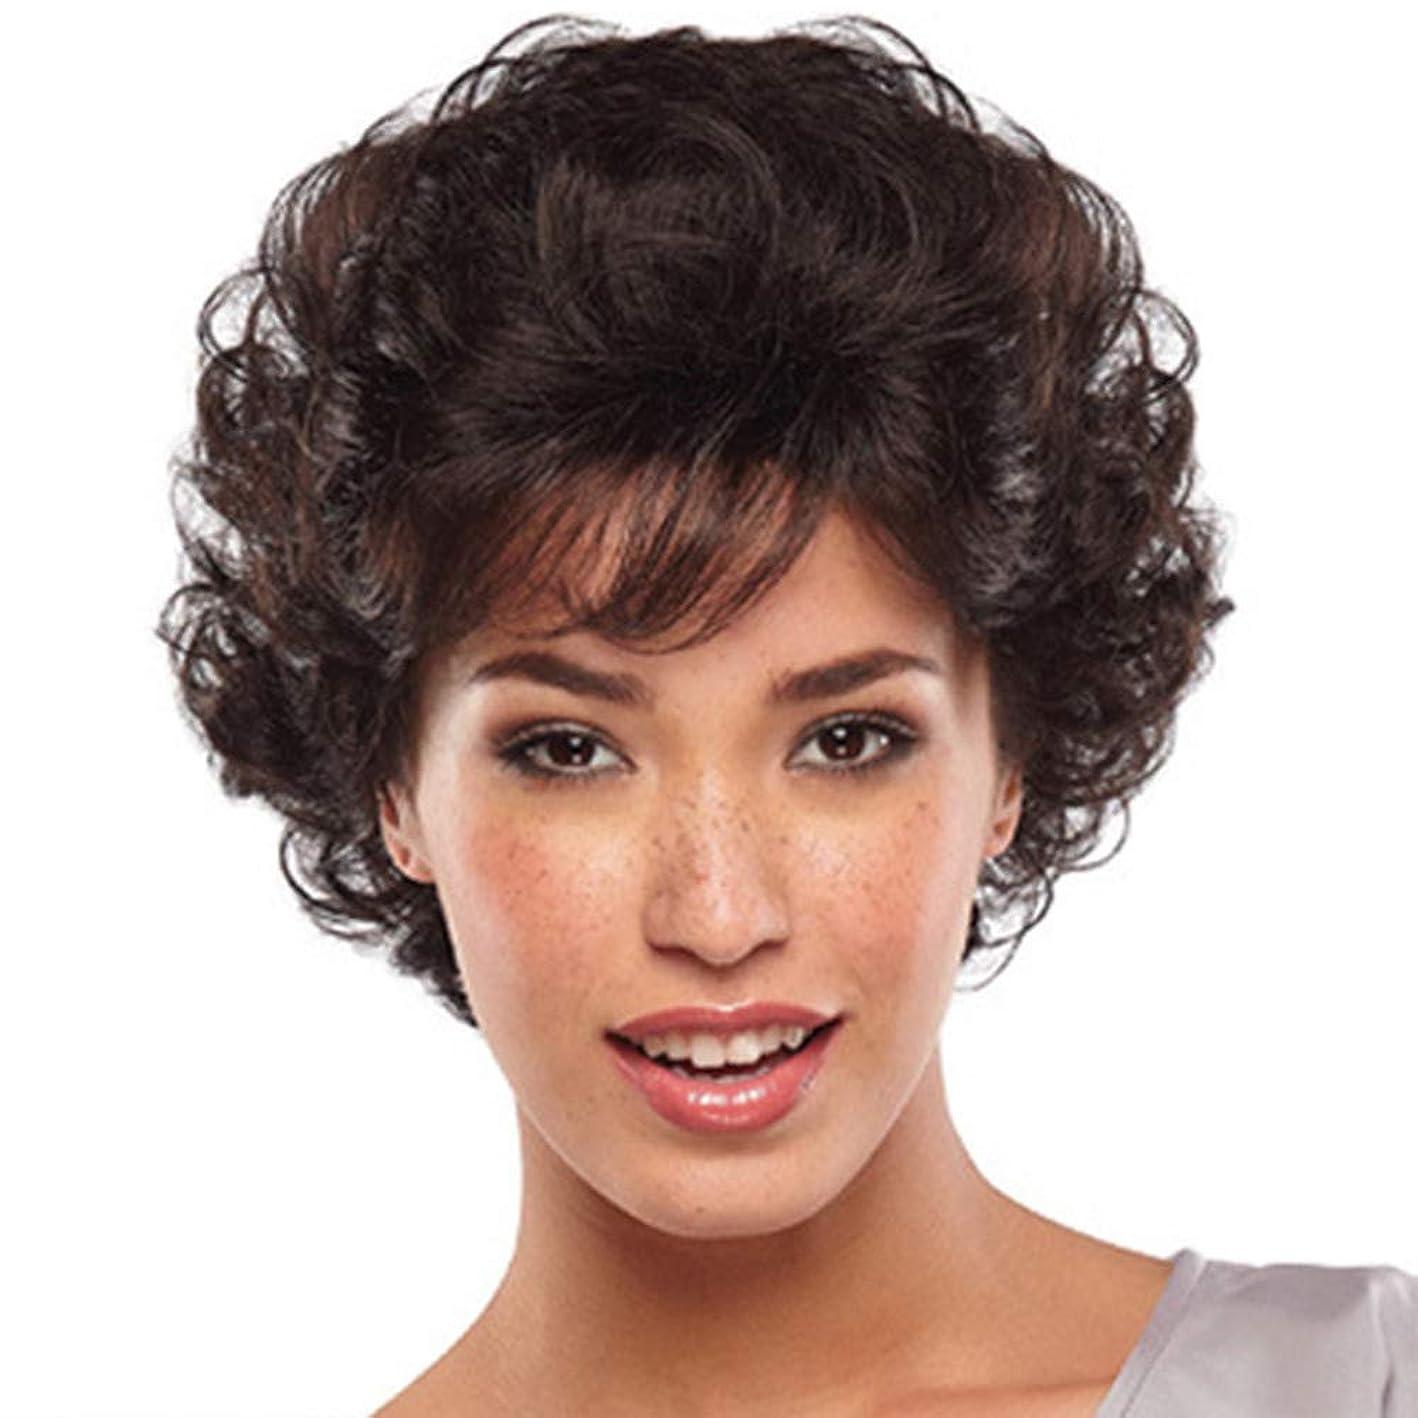 うまれた害外観女性かつら180%密度耐熱合成少量爆発ヘッドショートヘアブラックローズヘアネット27cm